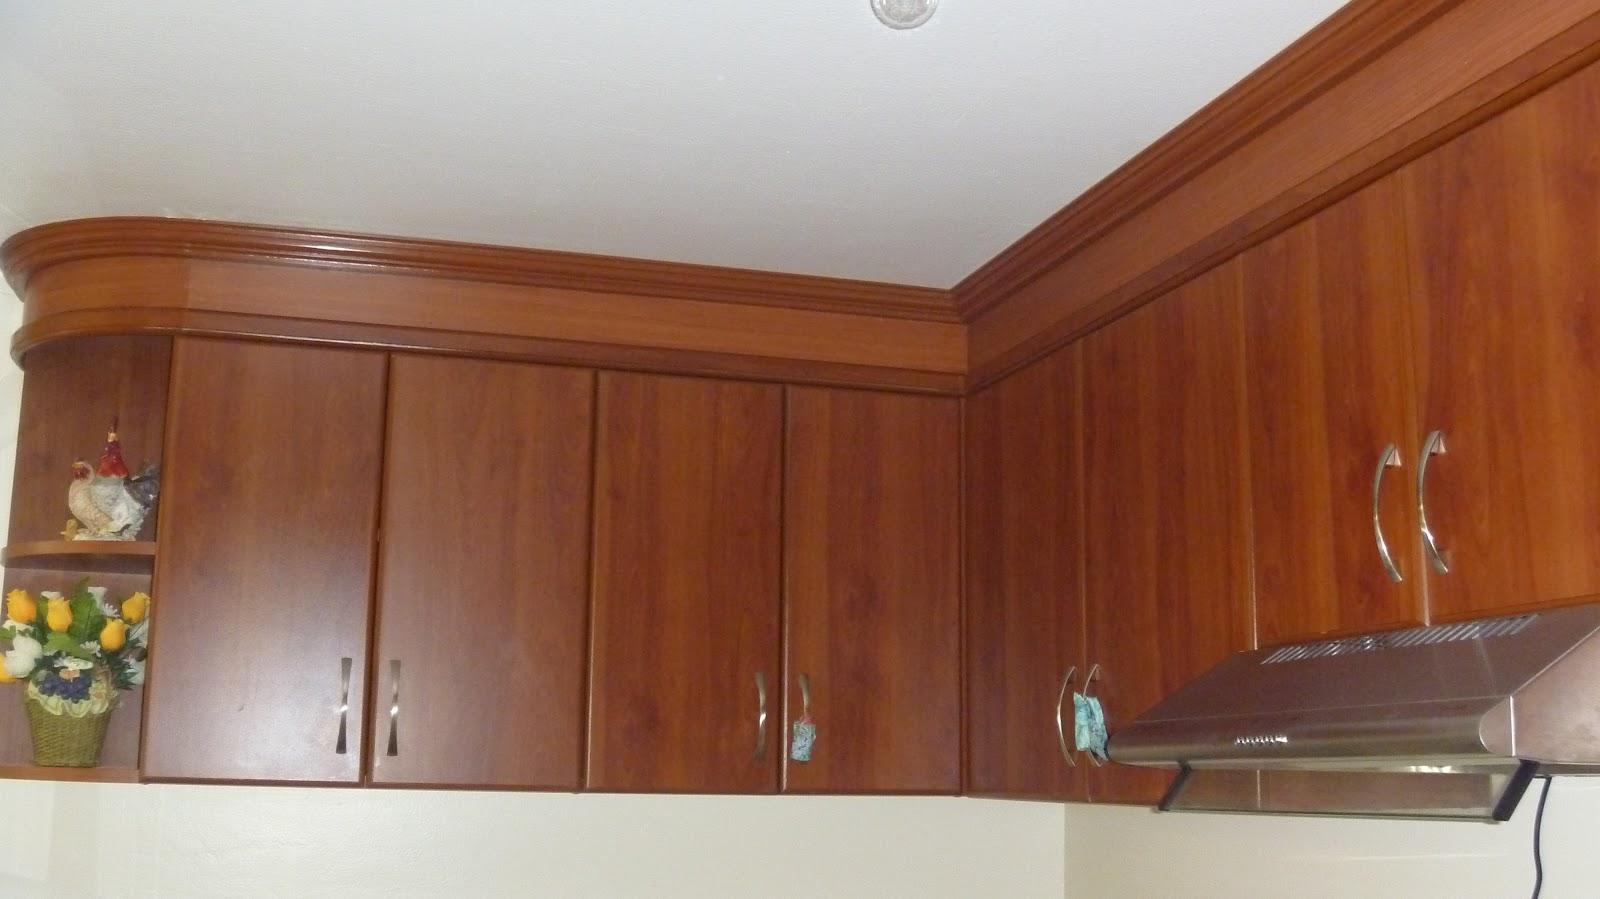 Cocinas de madera de cedro reposteros para cocina en - Muebles de cocina de madera ...